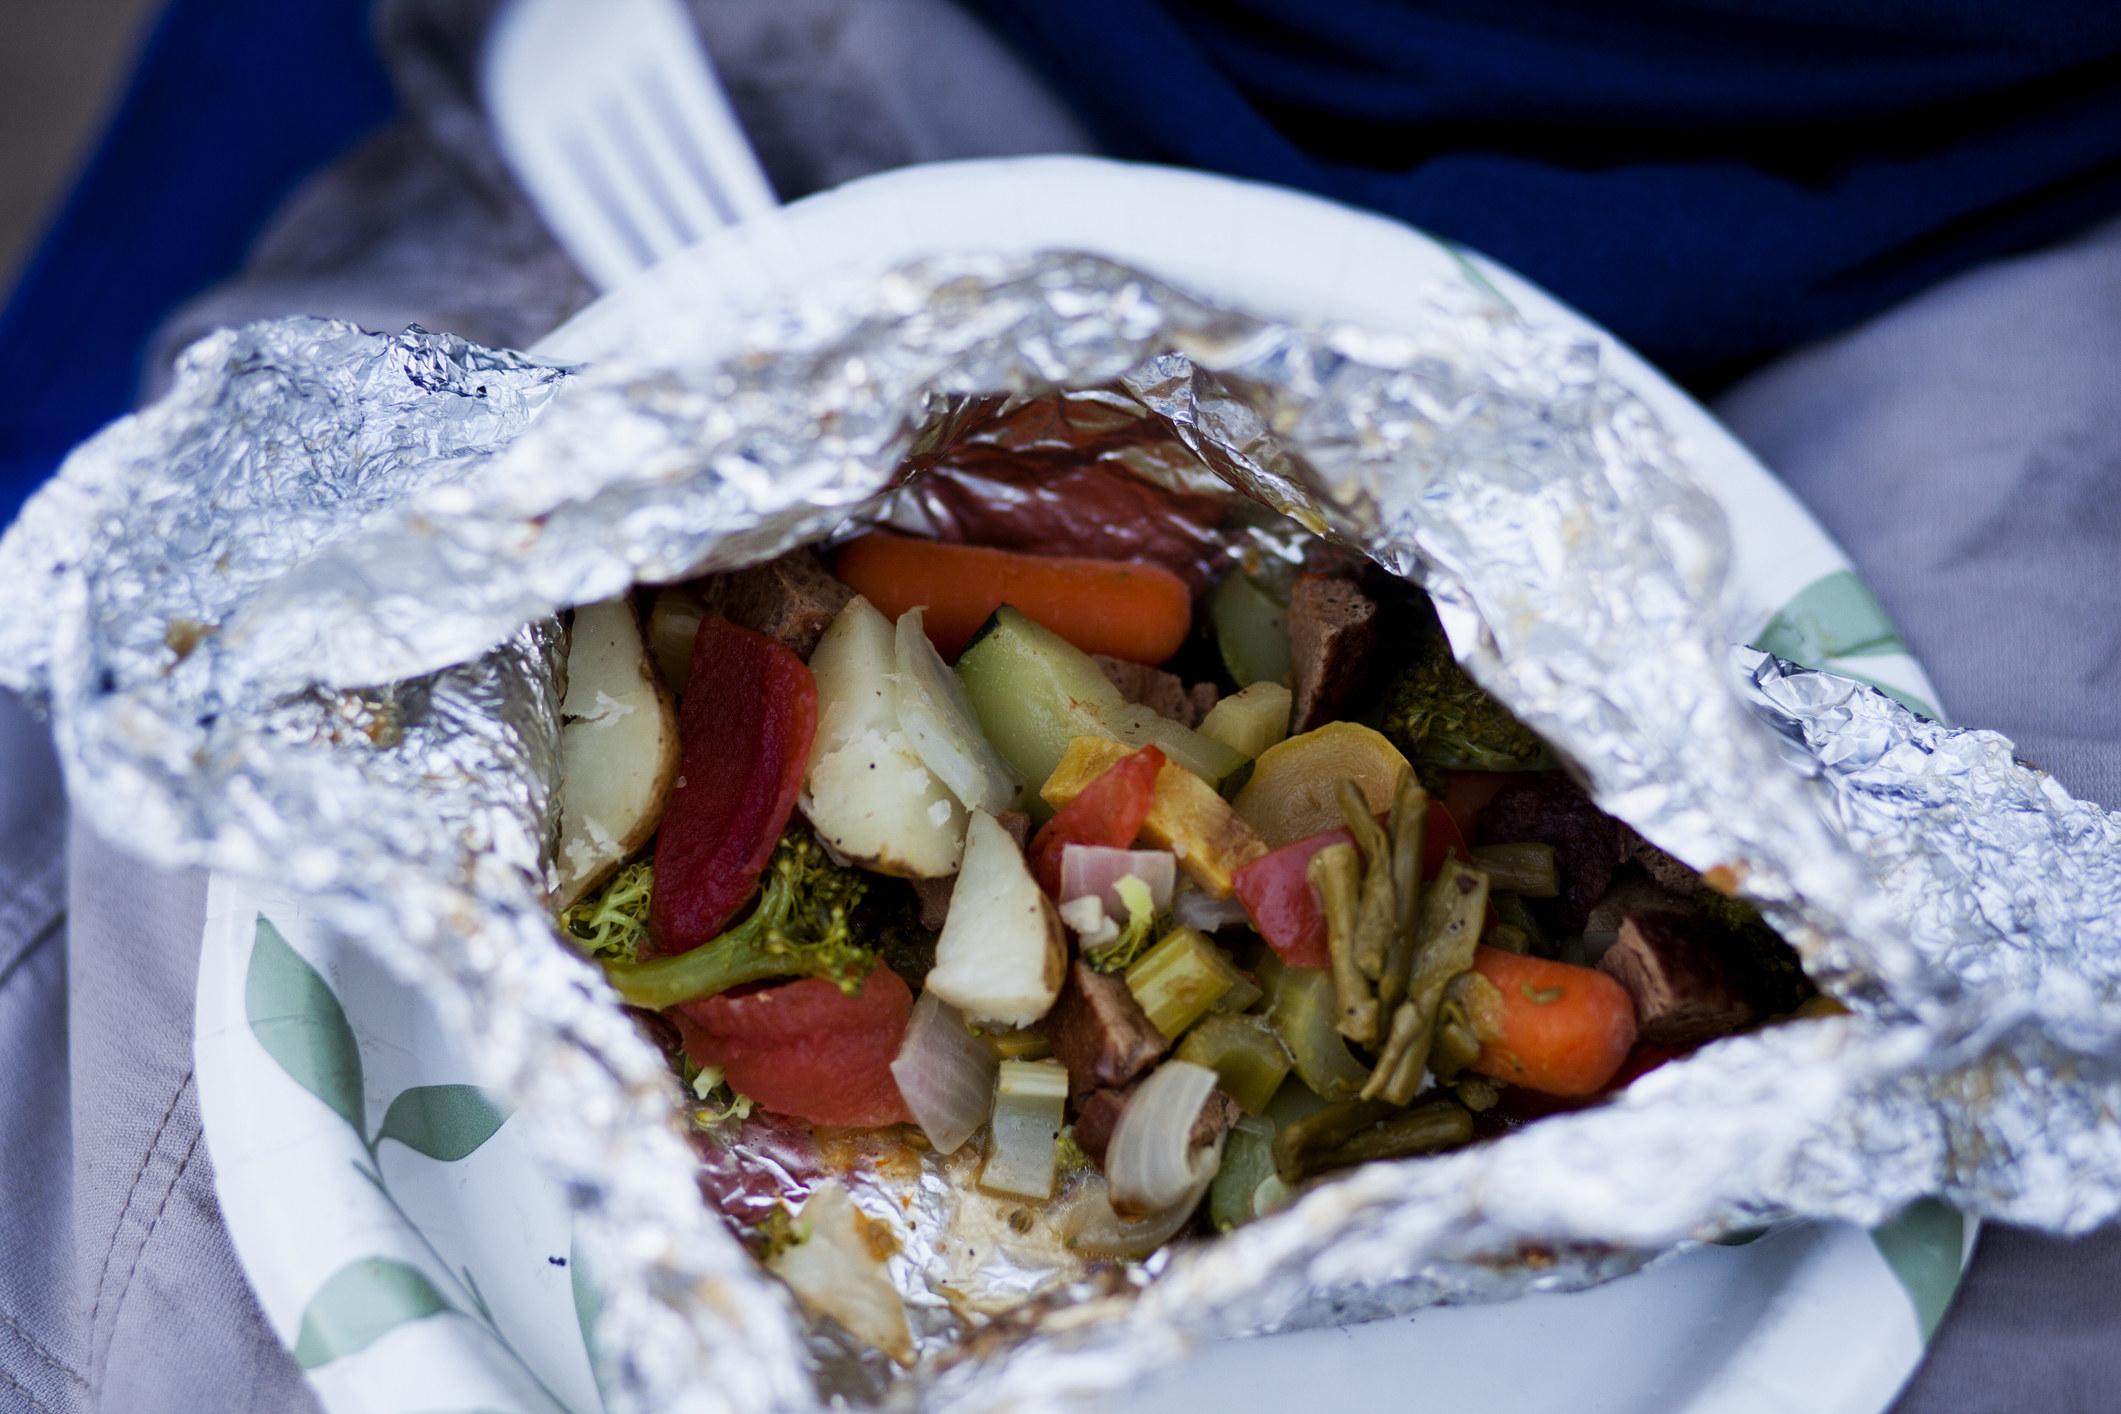 Vegetables in a foil packet.